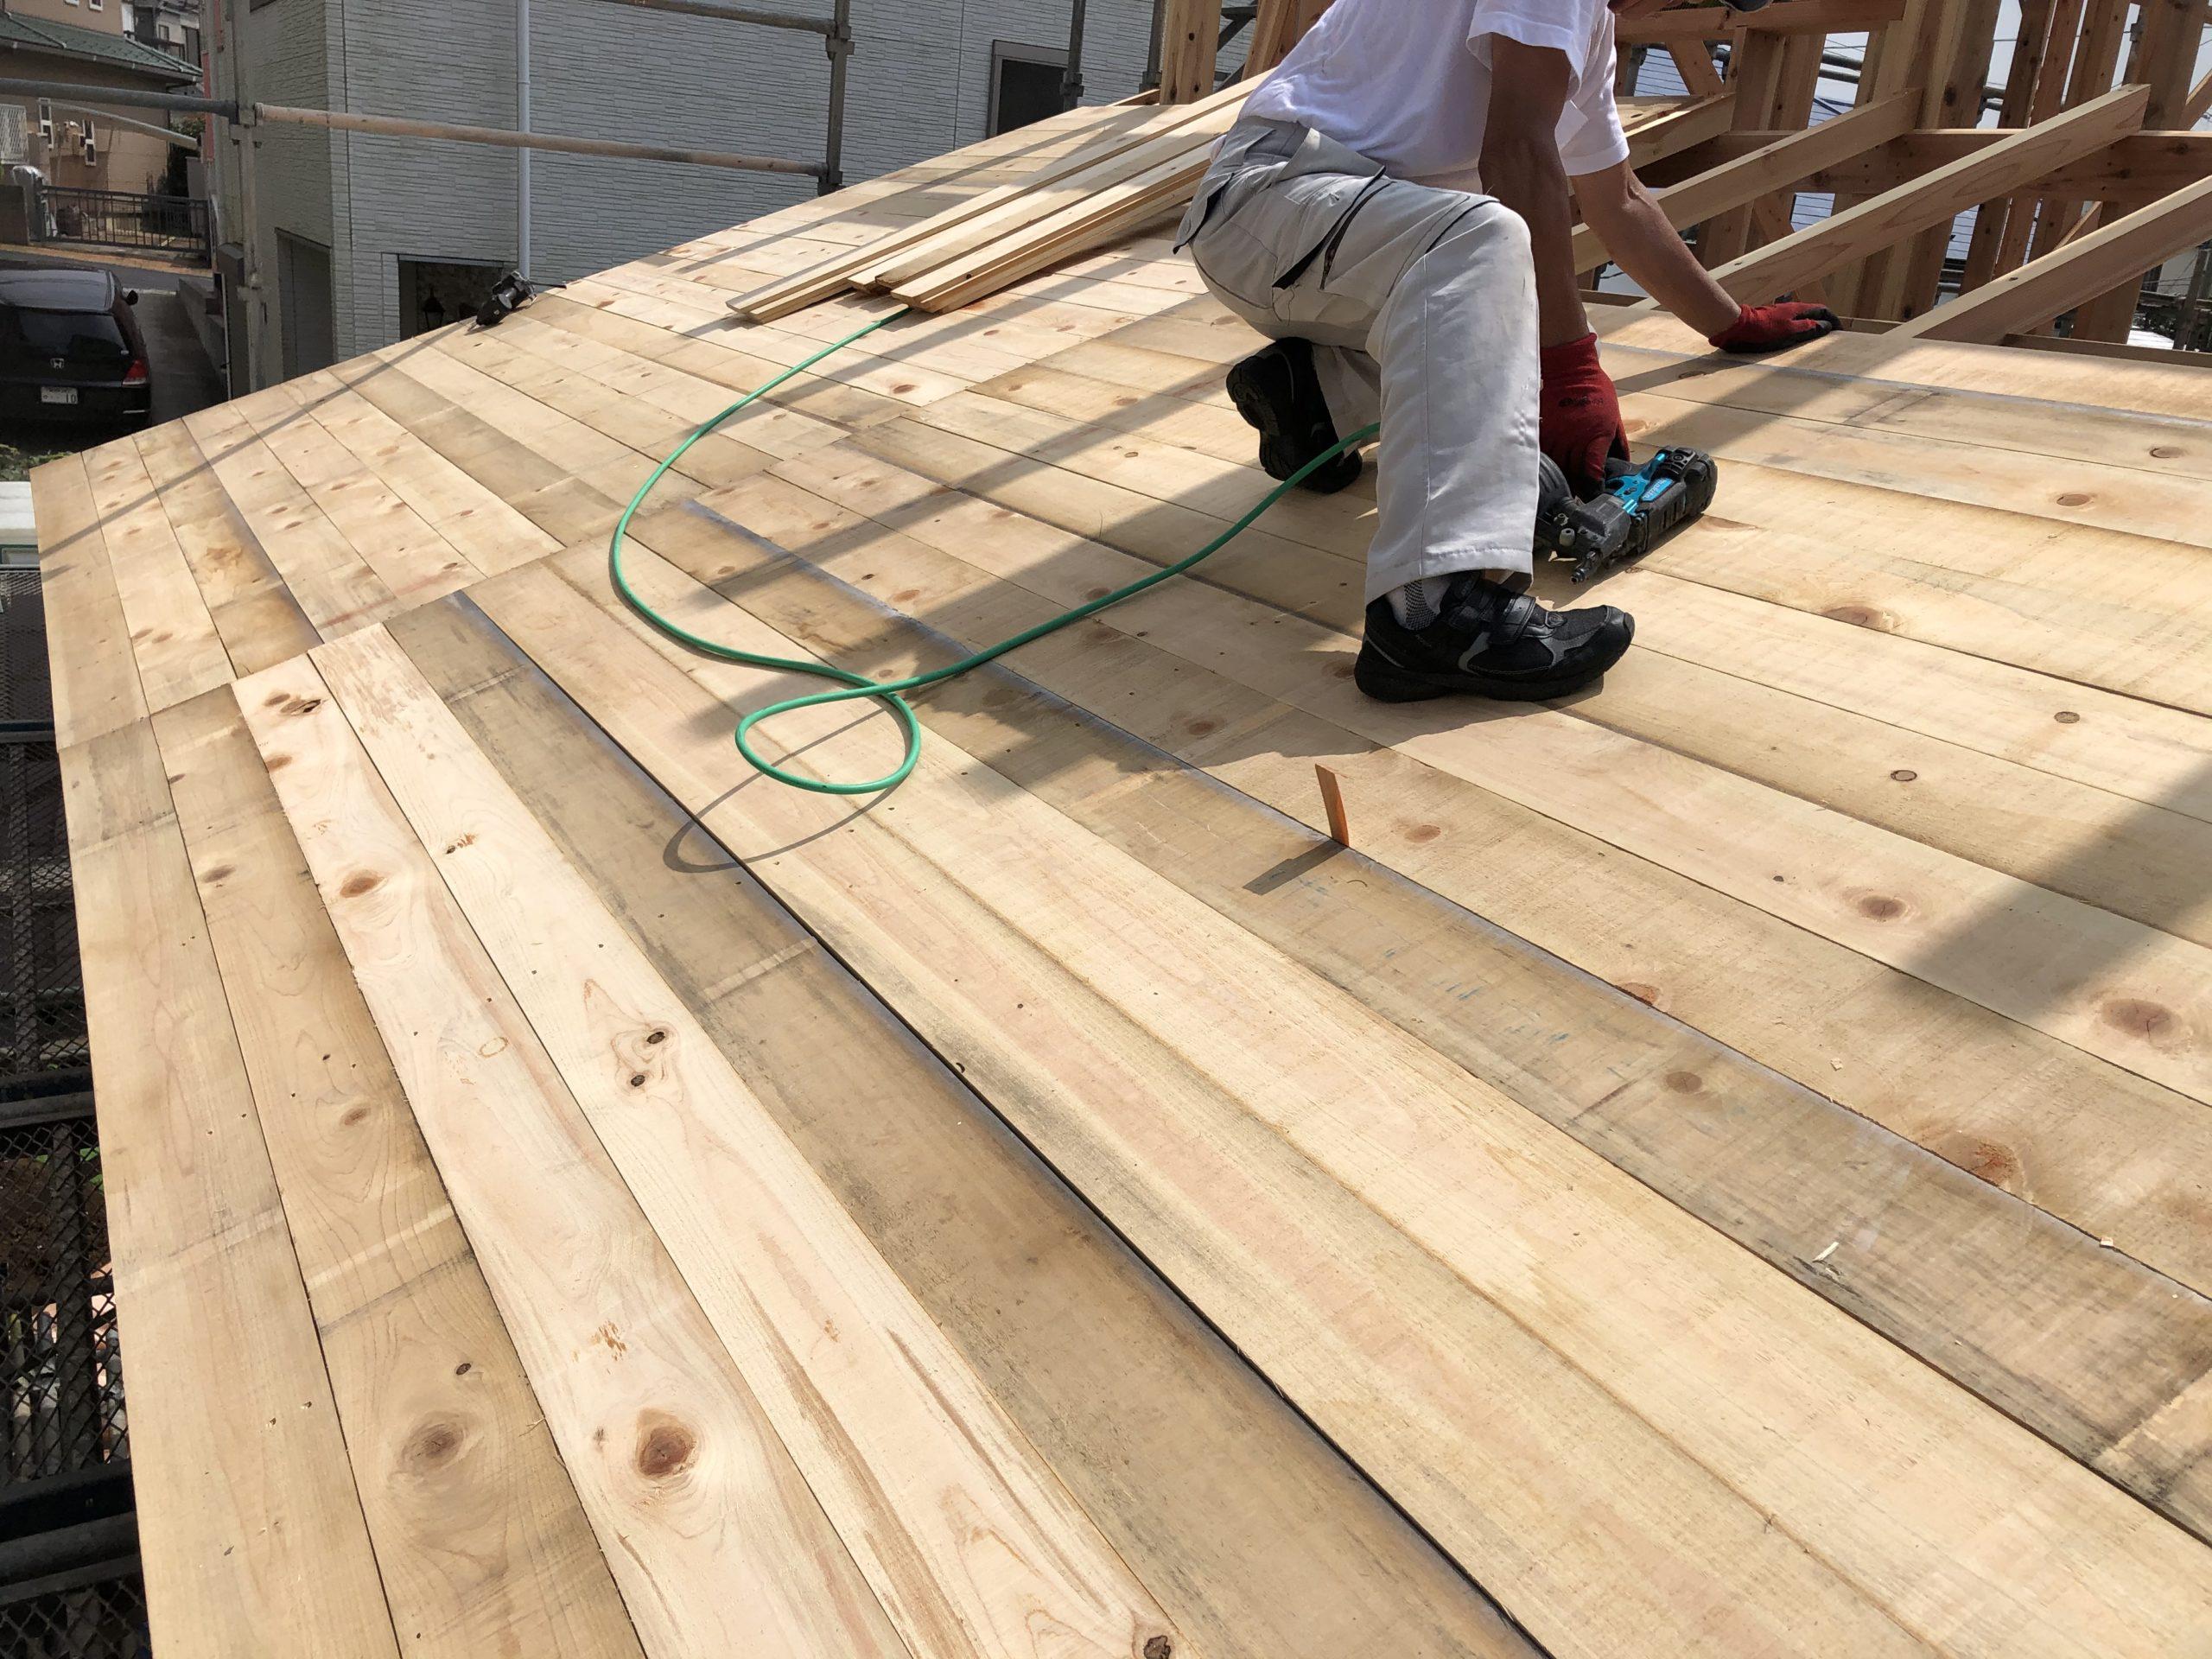 屋根の下地も杉板です。張り合わせの板は使いません。